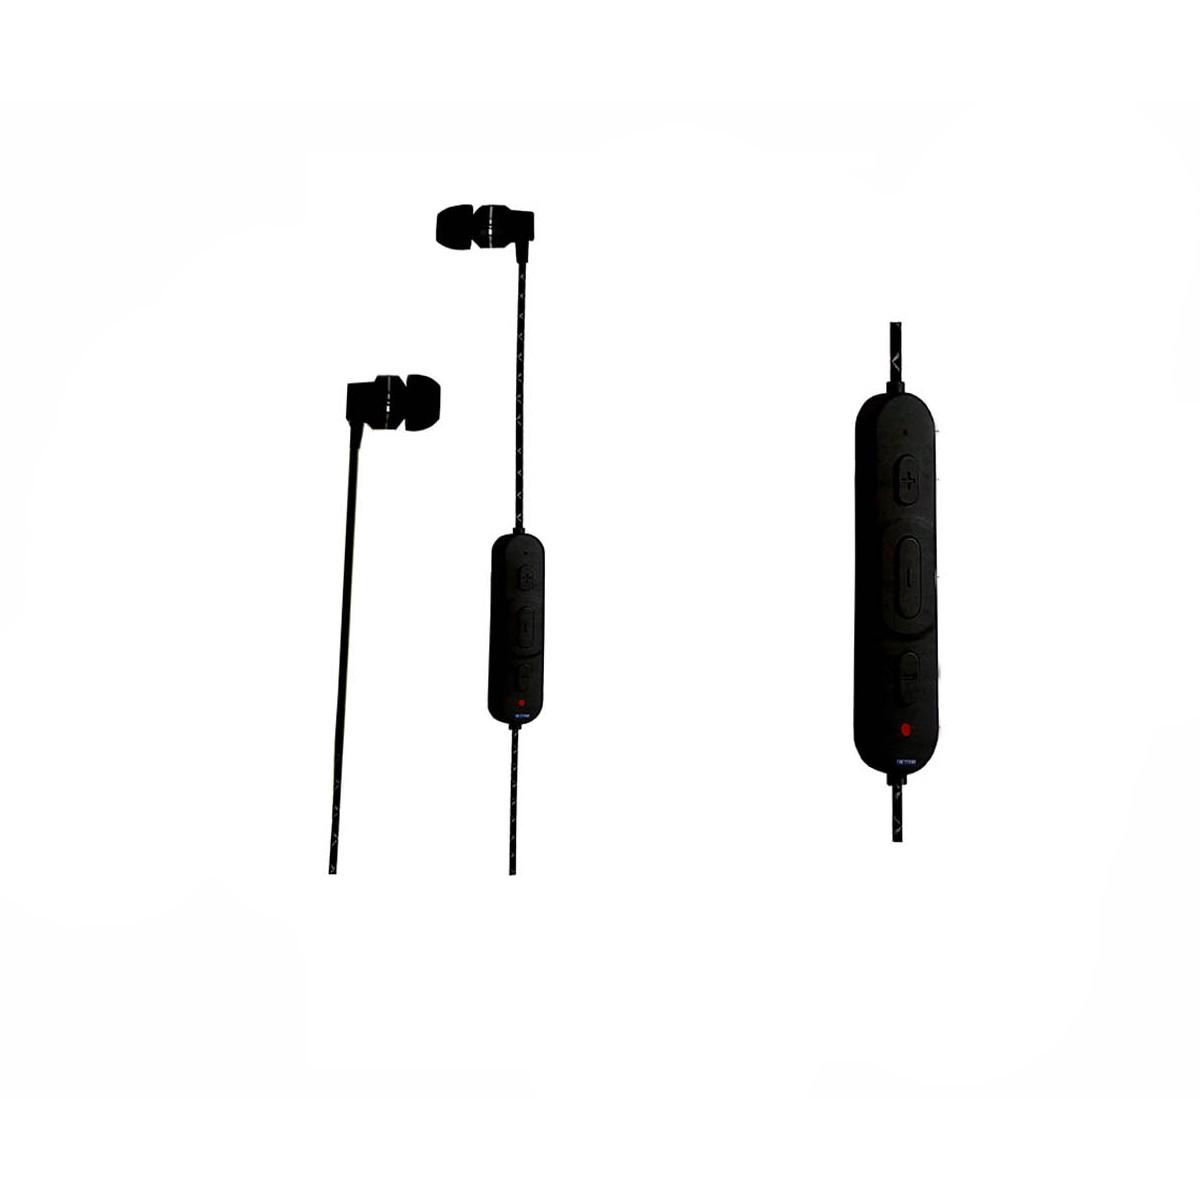 Fone In-Ear Preto Bluetooth com controle CSR-CB